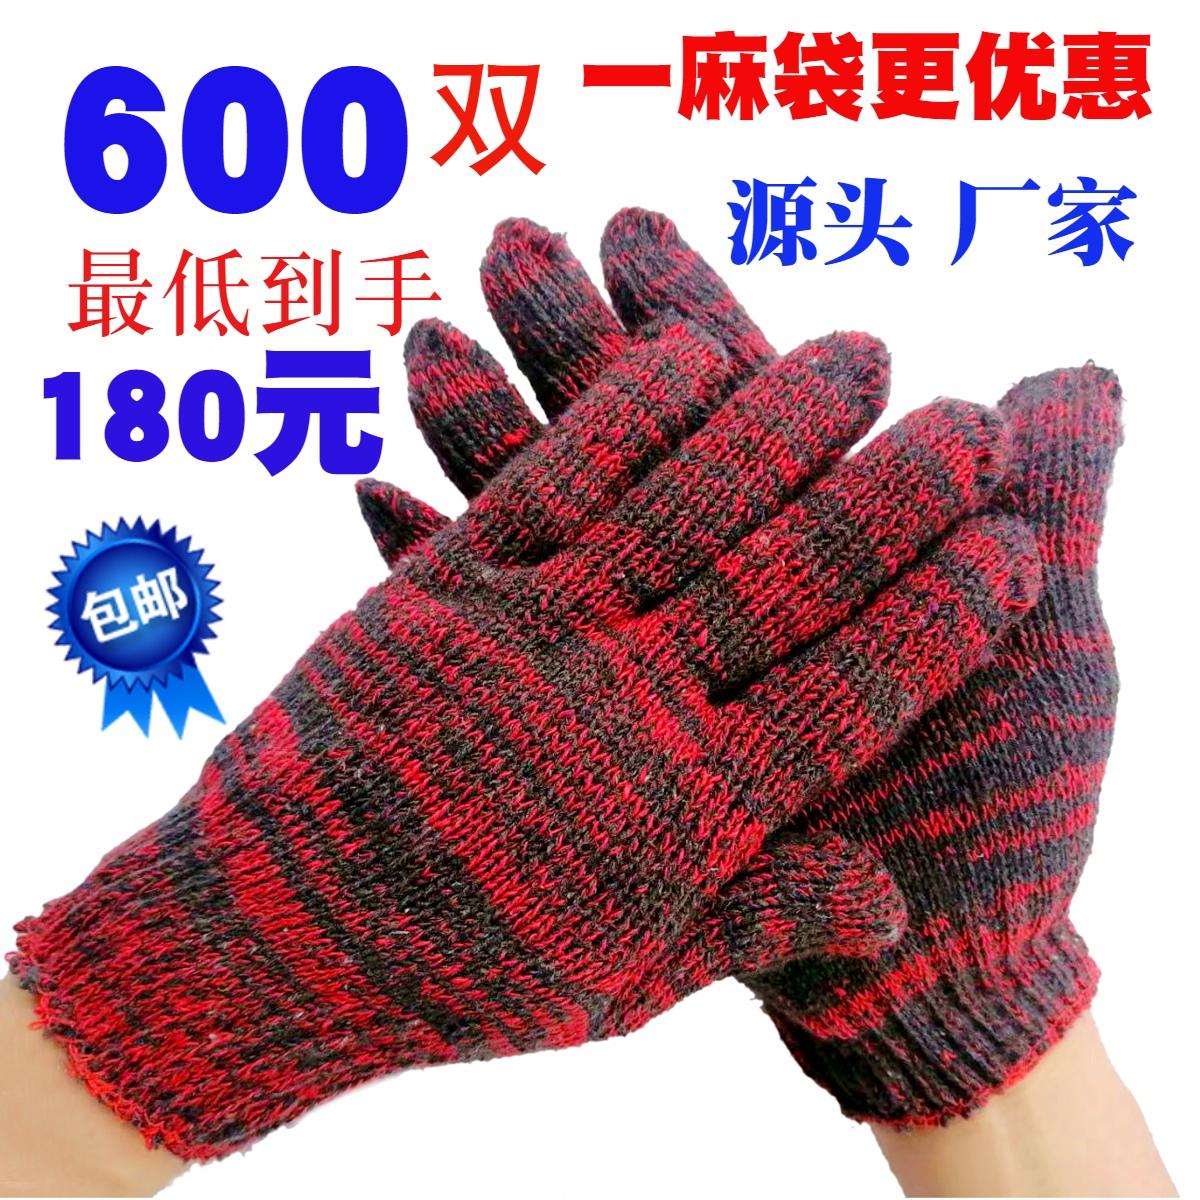 糸の綿糸の手袋の労働保護の耐摩耗性工作業のナイロンの防護は男性労働者の手袋の労働者の花の紗に耐えて厚いです。